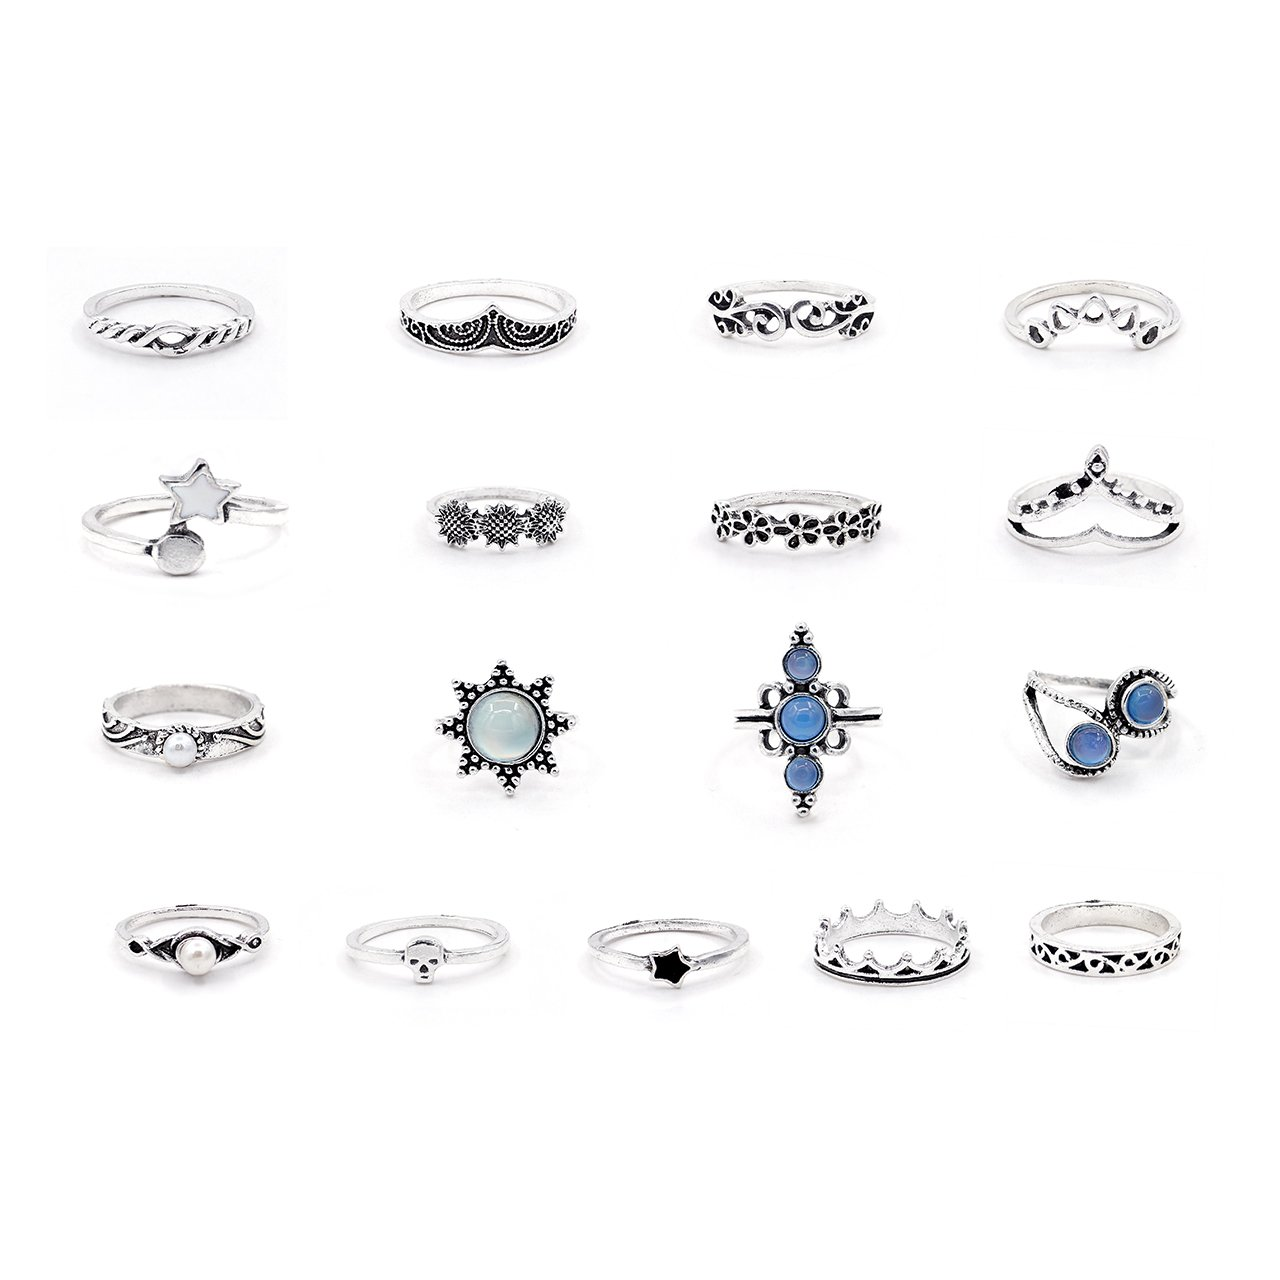 Gudukt Knuckle Ring Set Vintage Big Opal Star Crystal Pearls Boho Stackable Rings for Women